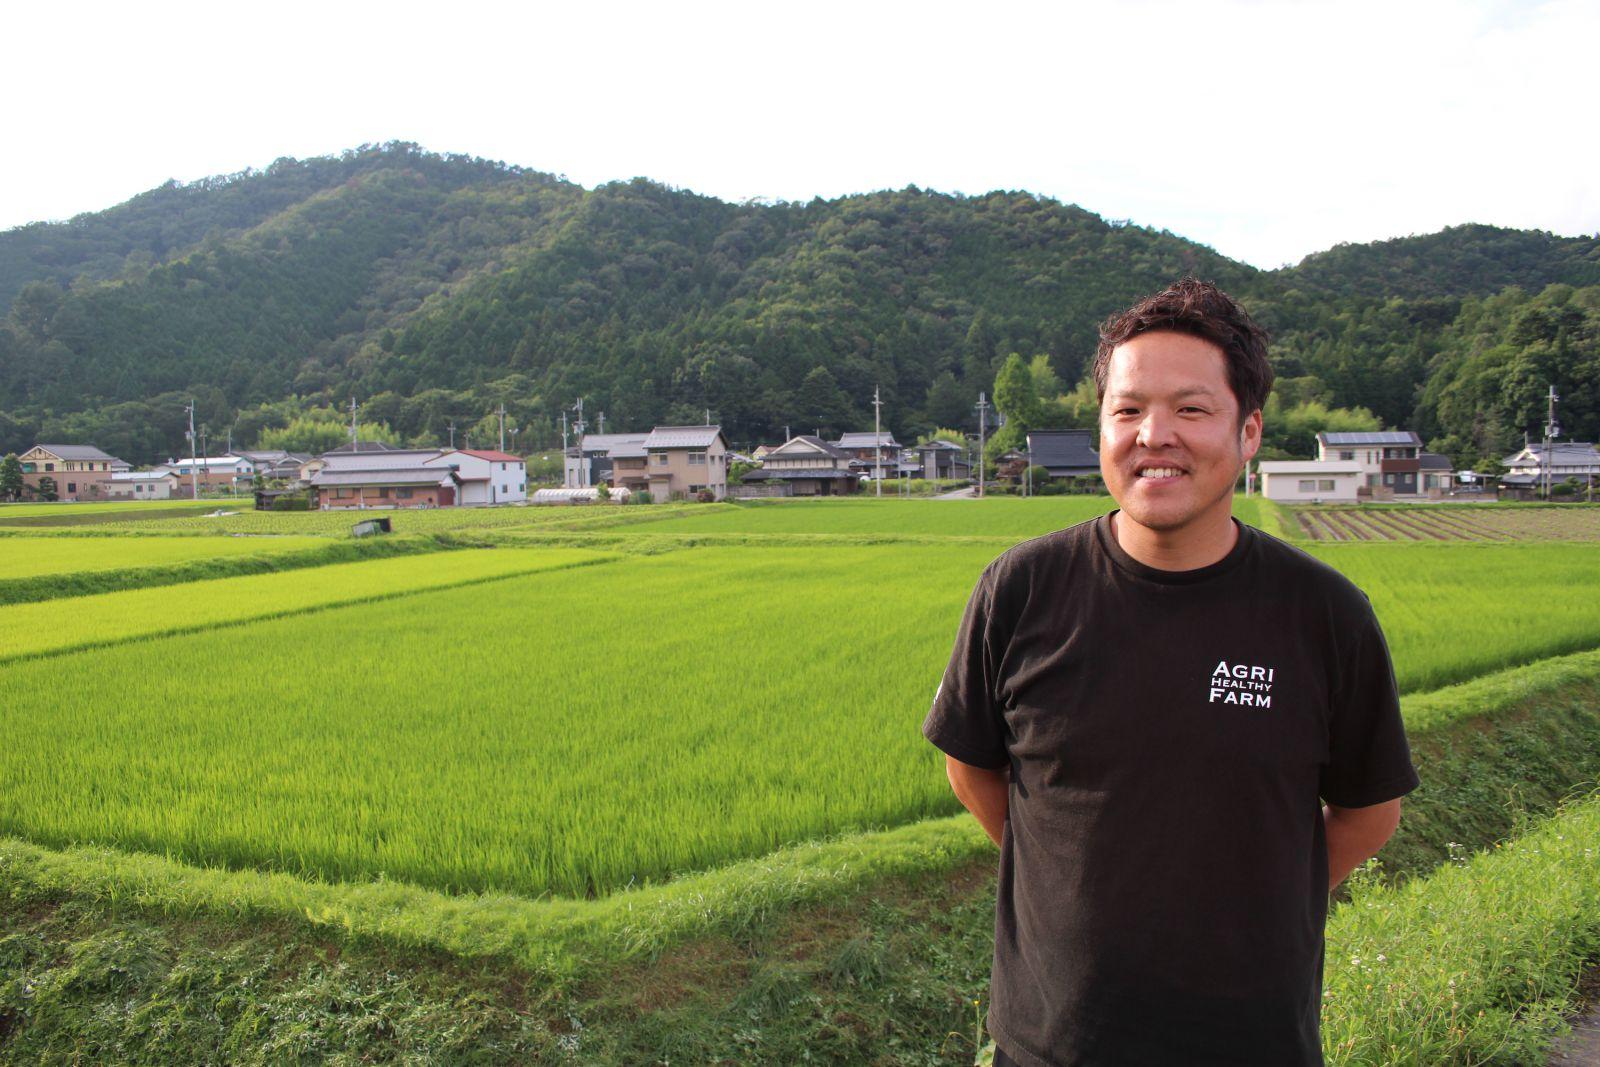 組織的な農業経営がしたい! 意識革命で農業を今より楽しくもっと豊かに